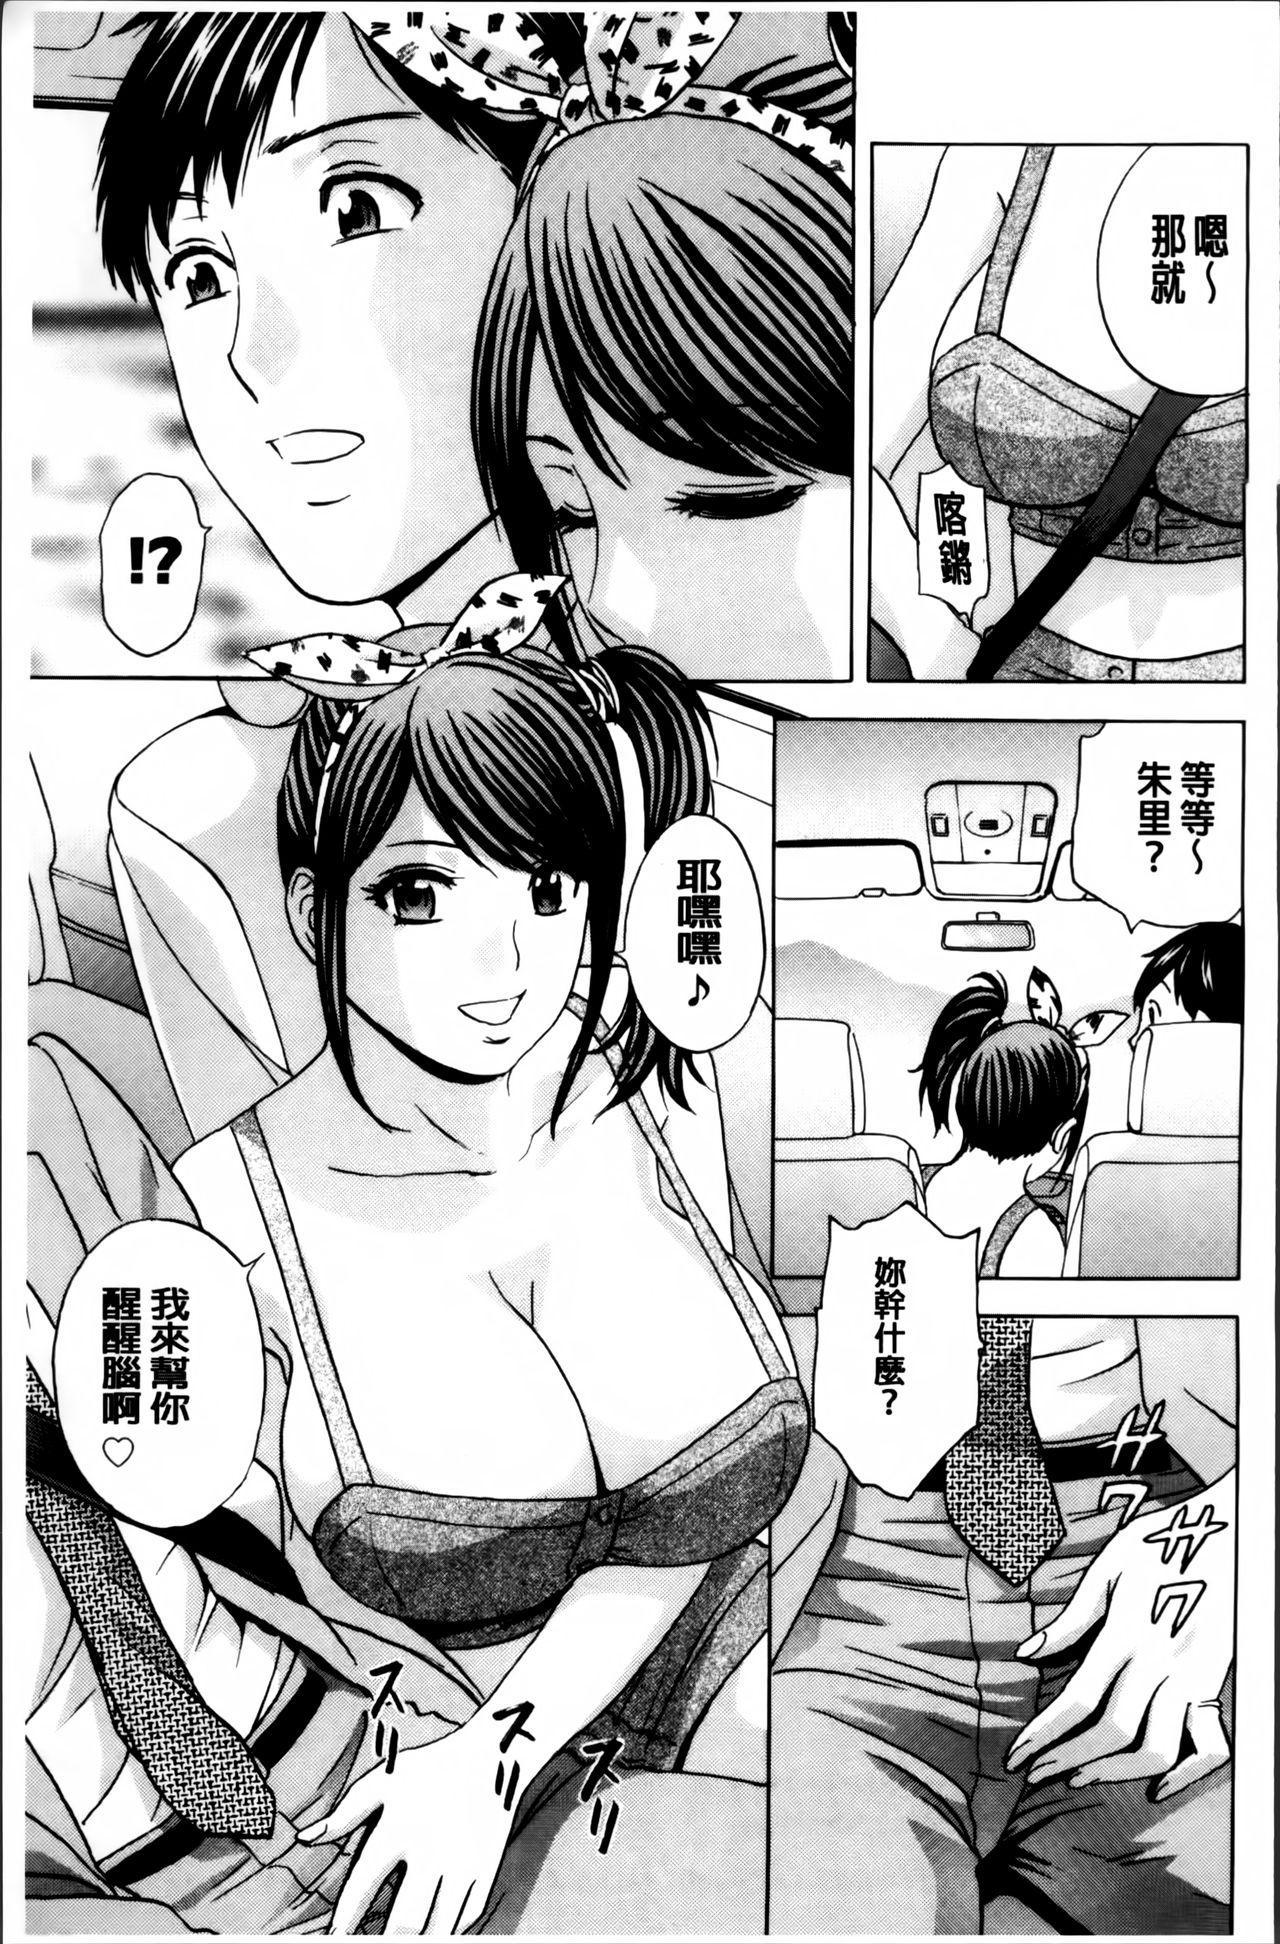 Midara Shimai Asobi 91